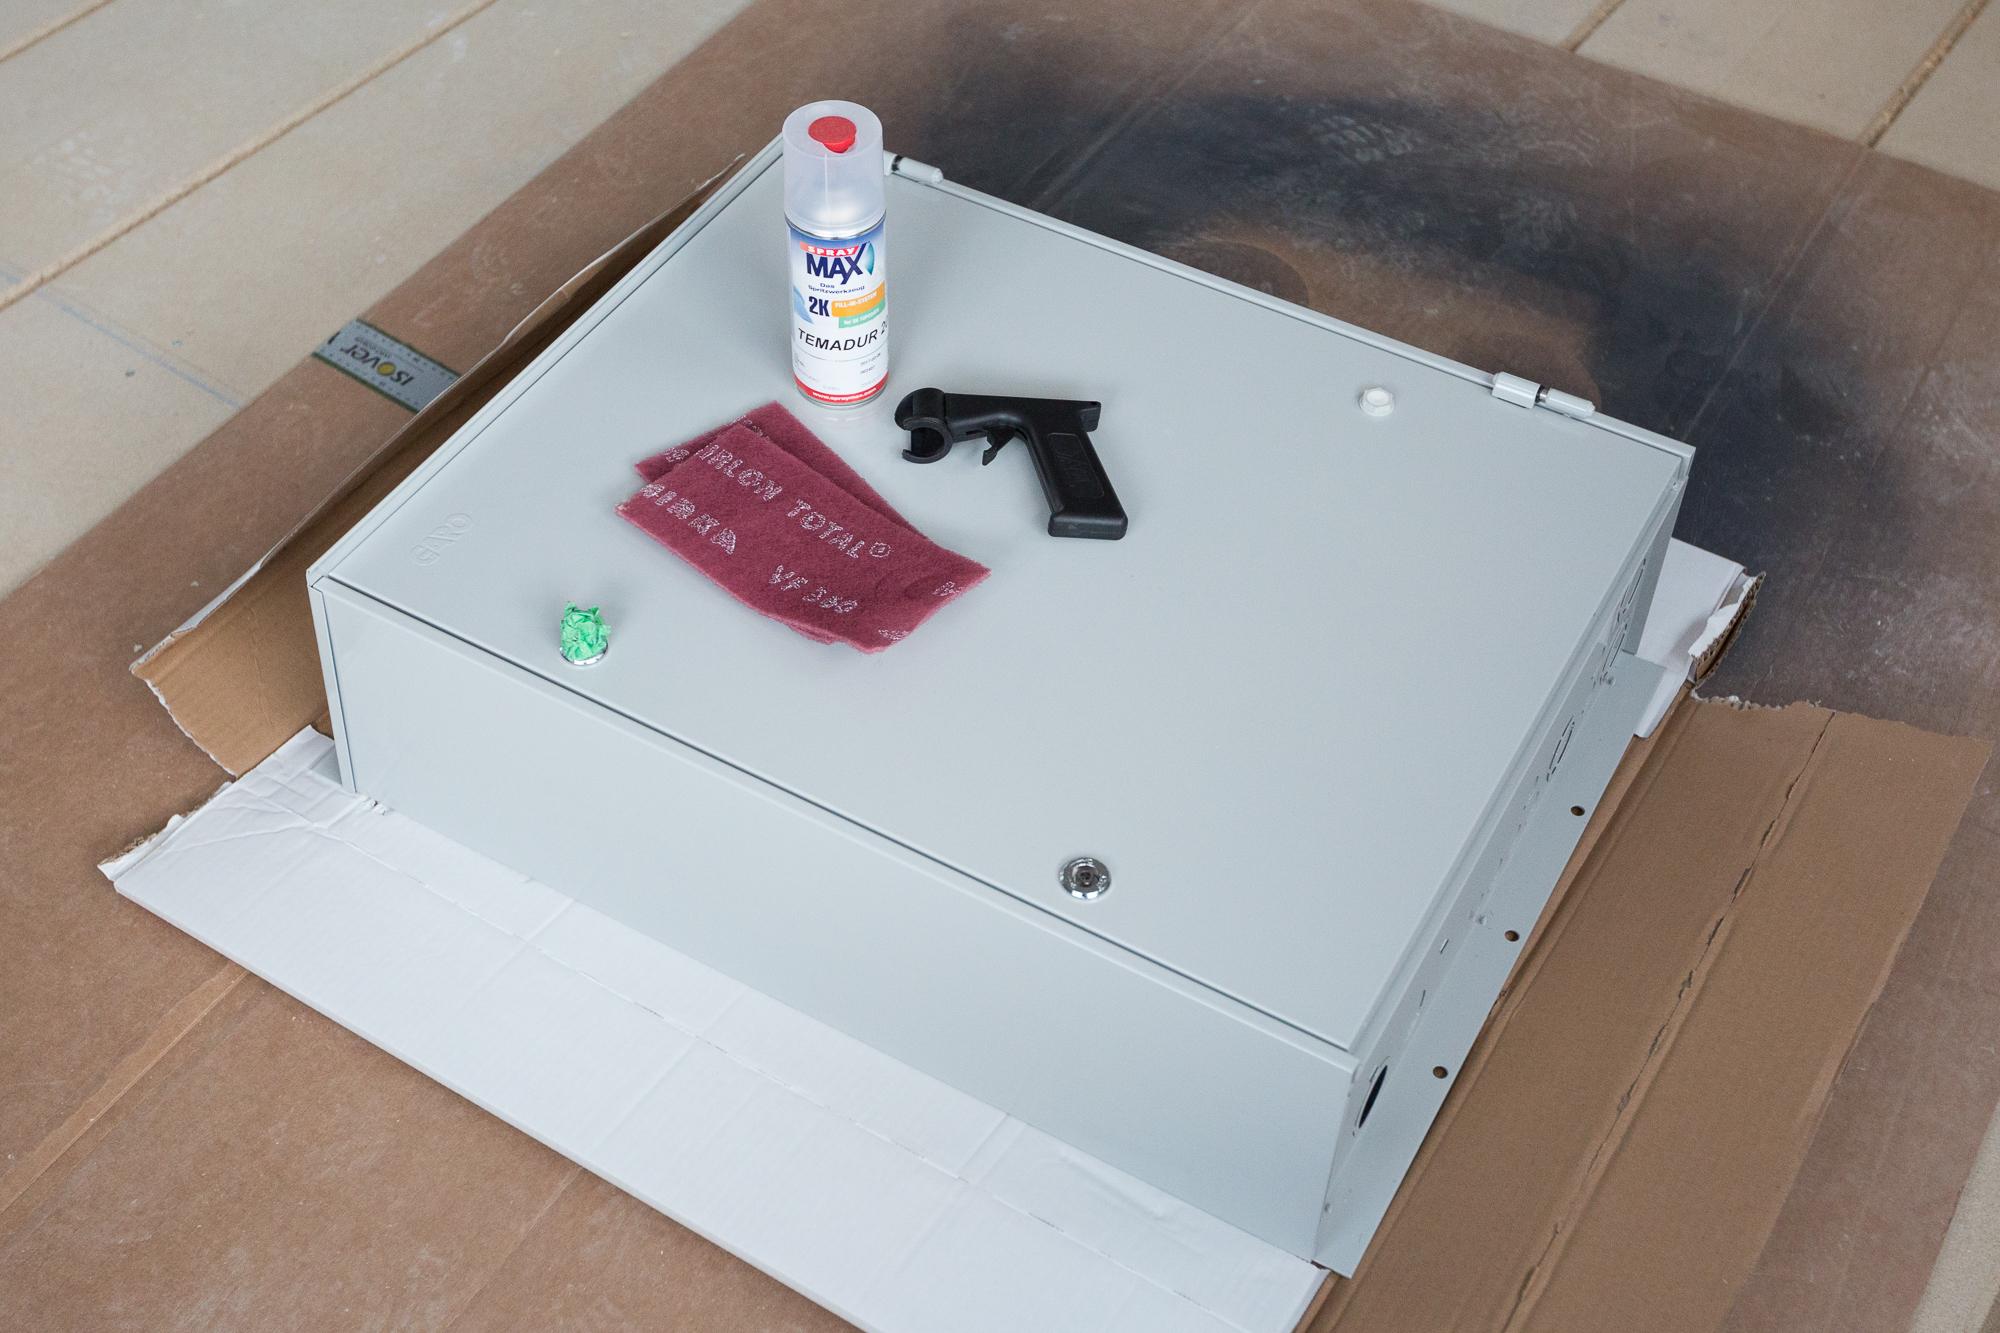 Elmätarskåpet sprayas för att matcha övriga exteriöra detaljer i grafitgrått (RAL 7024).